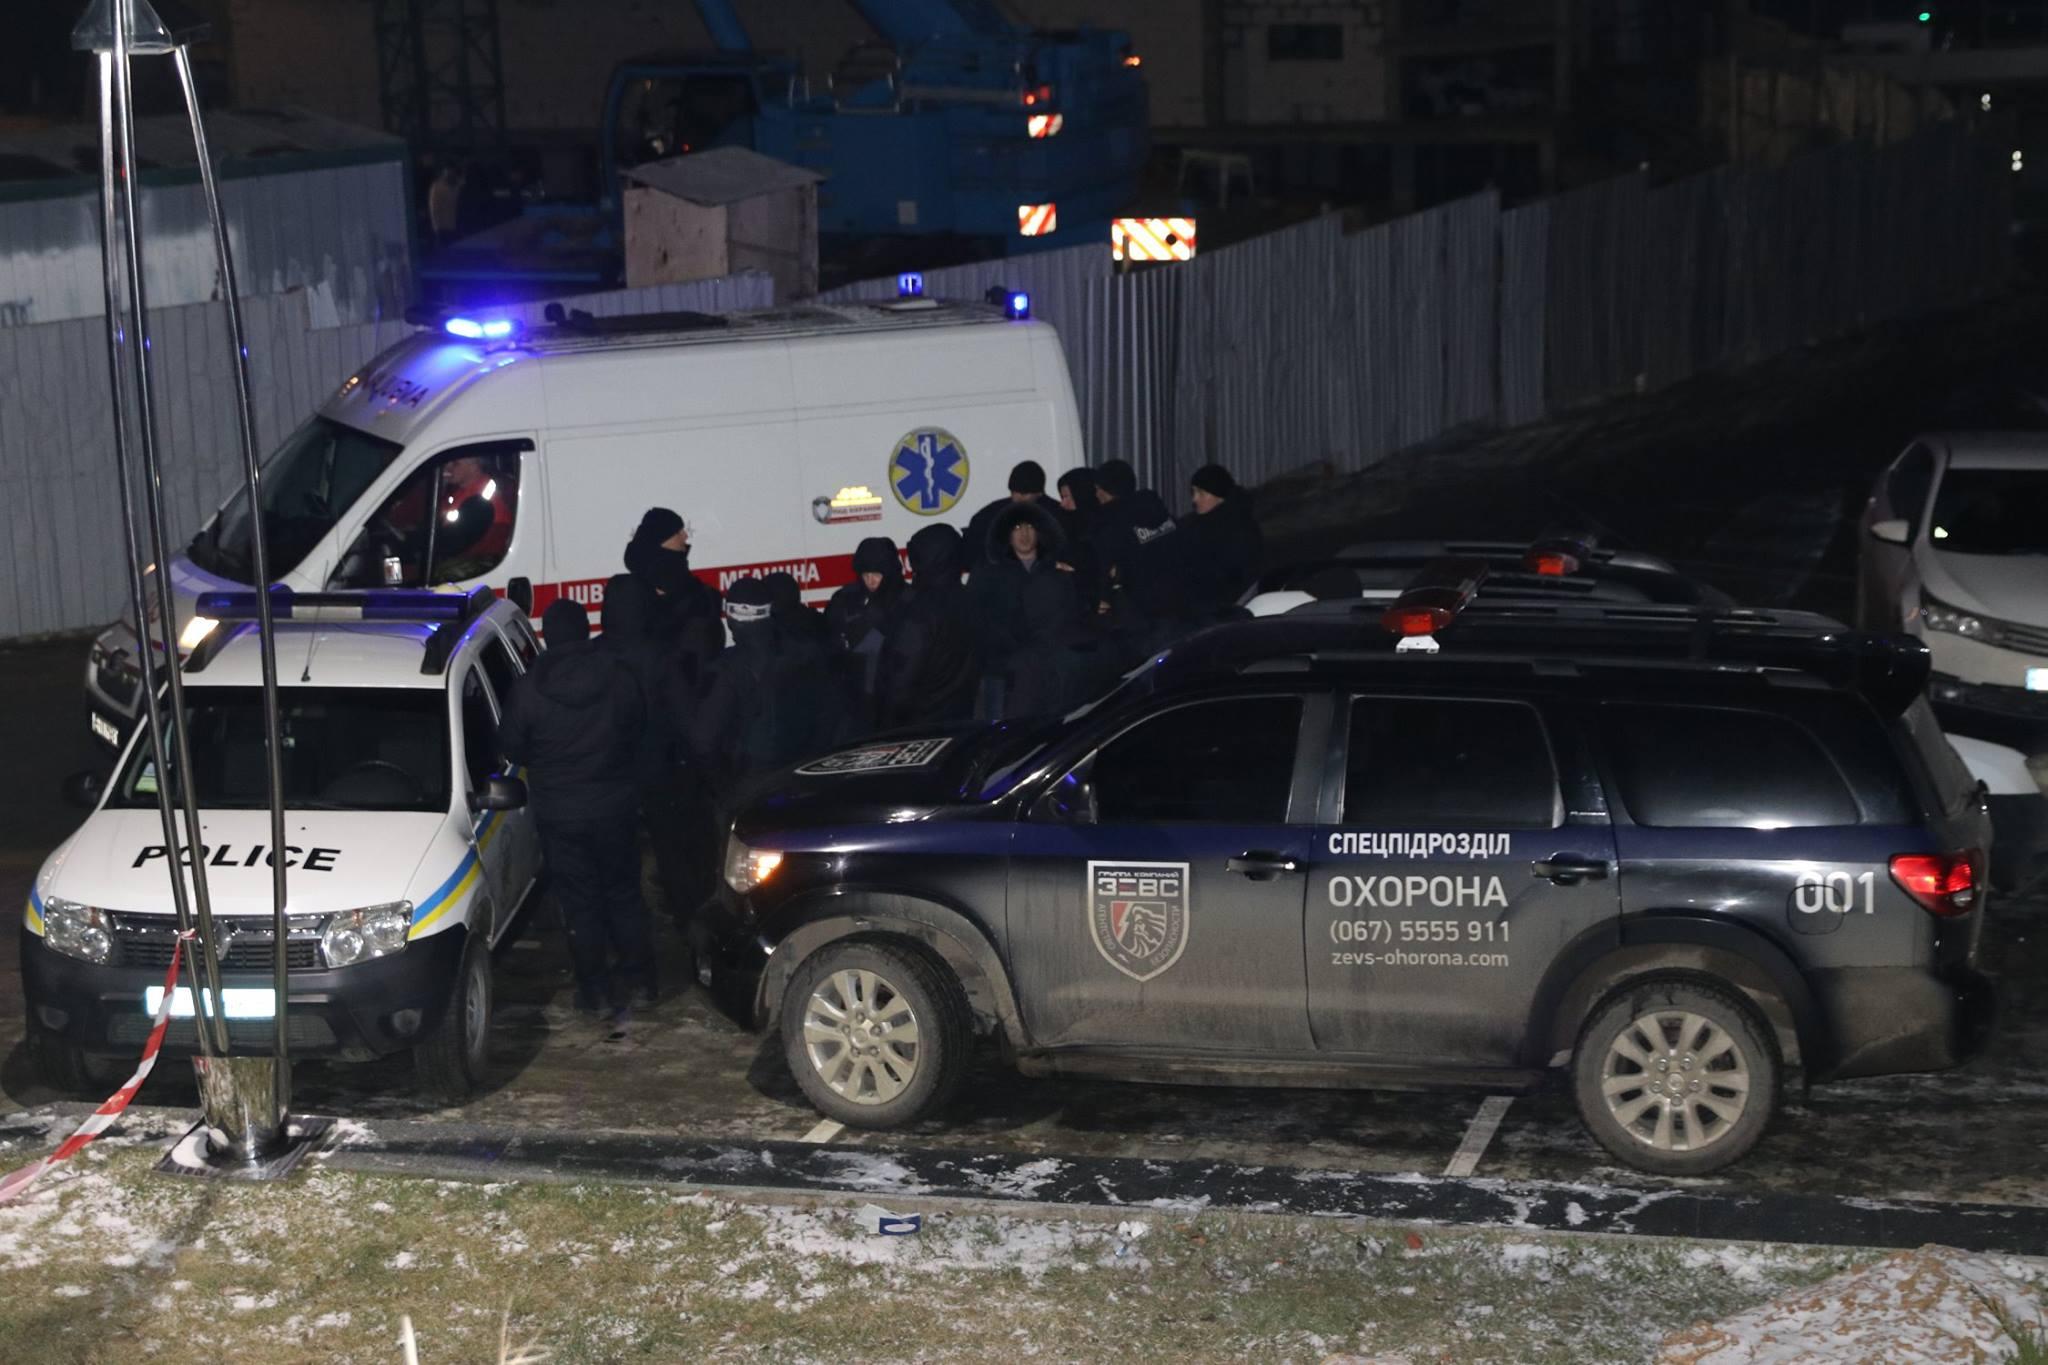 Одеський 7 канал повідомляє про перешкоджання приватною охороною